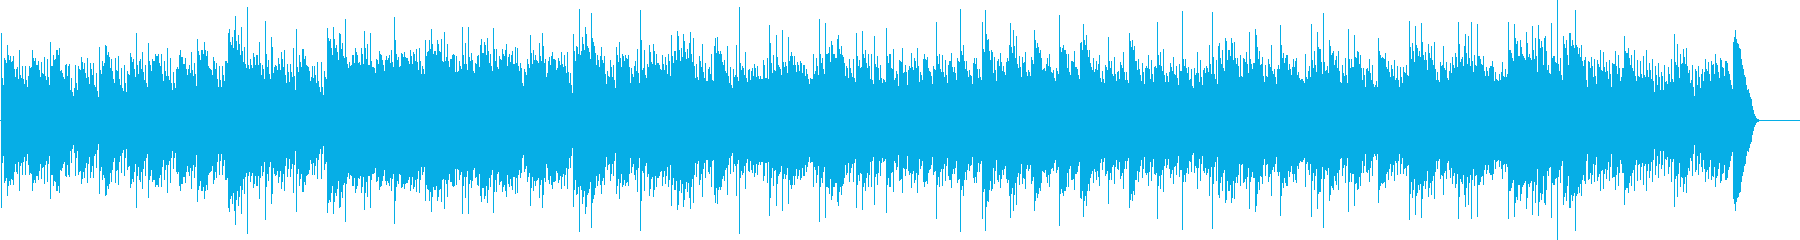 グノーのアヴェマリア(オルゴール)の再生済みの波形